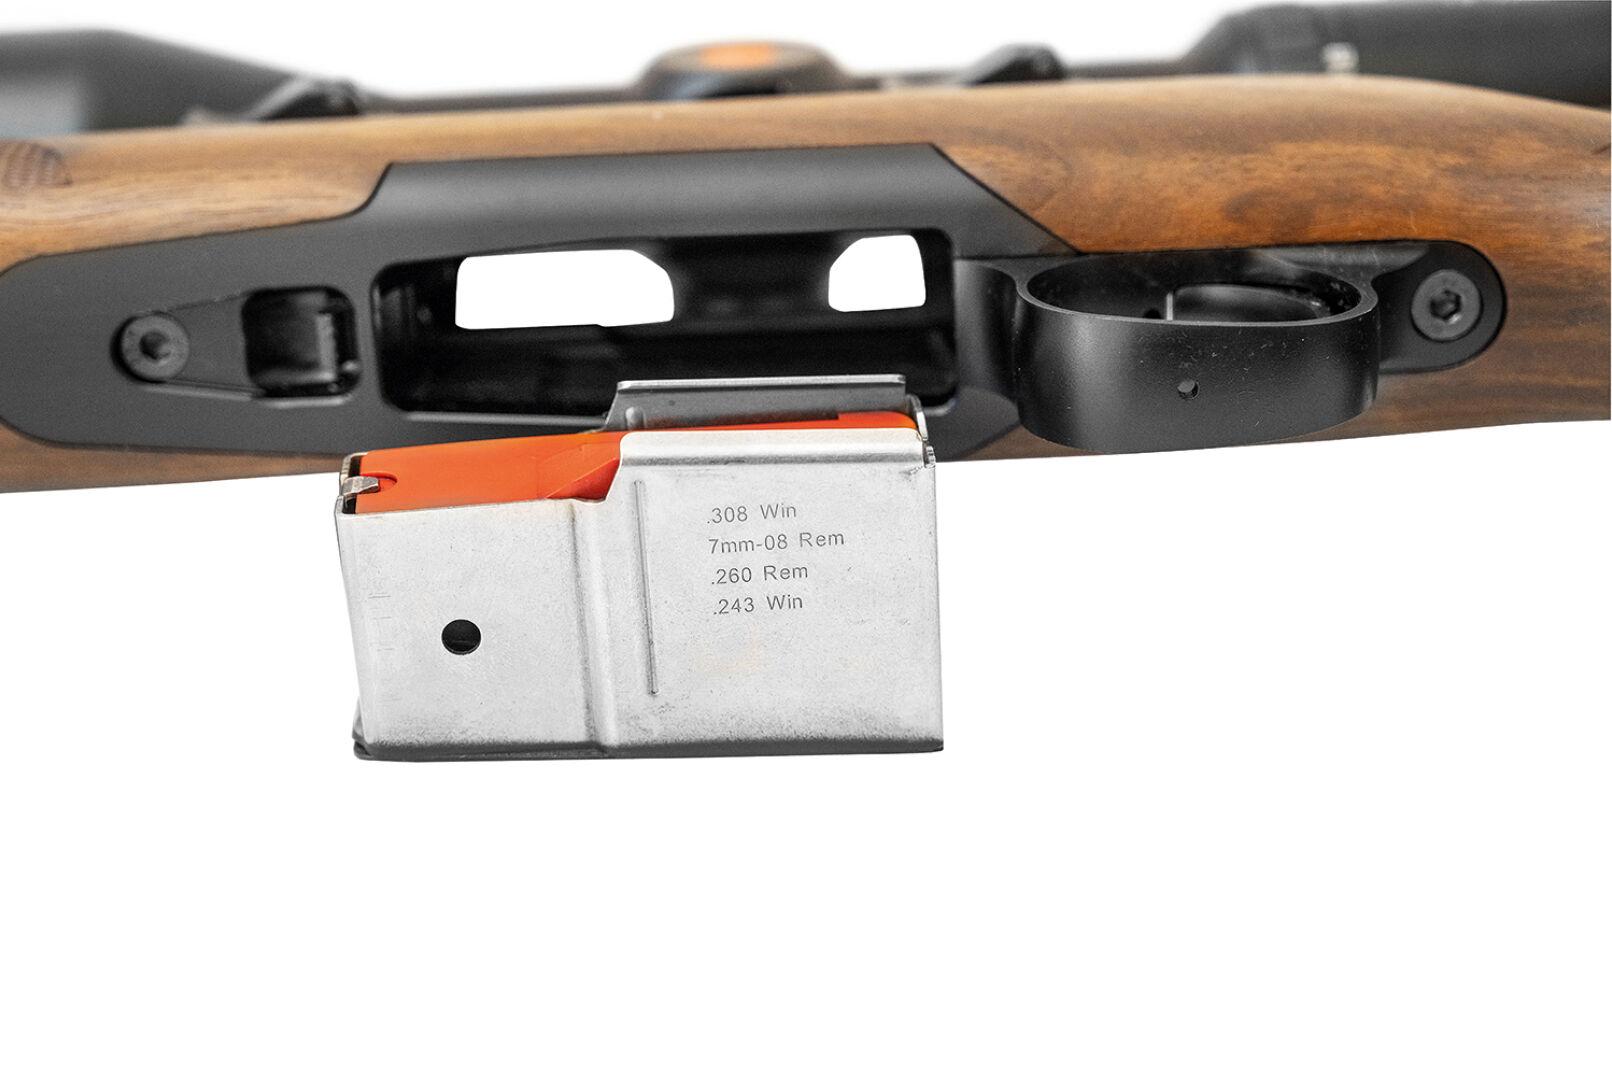 Steel Action HS, montiert mit Leica Magnus 1,8–12×50i - Das zweireihige Magazin fasst fünf Patronen. - © Oliver Deck